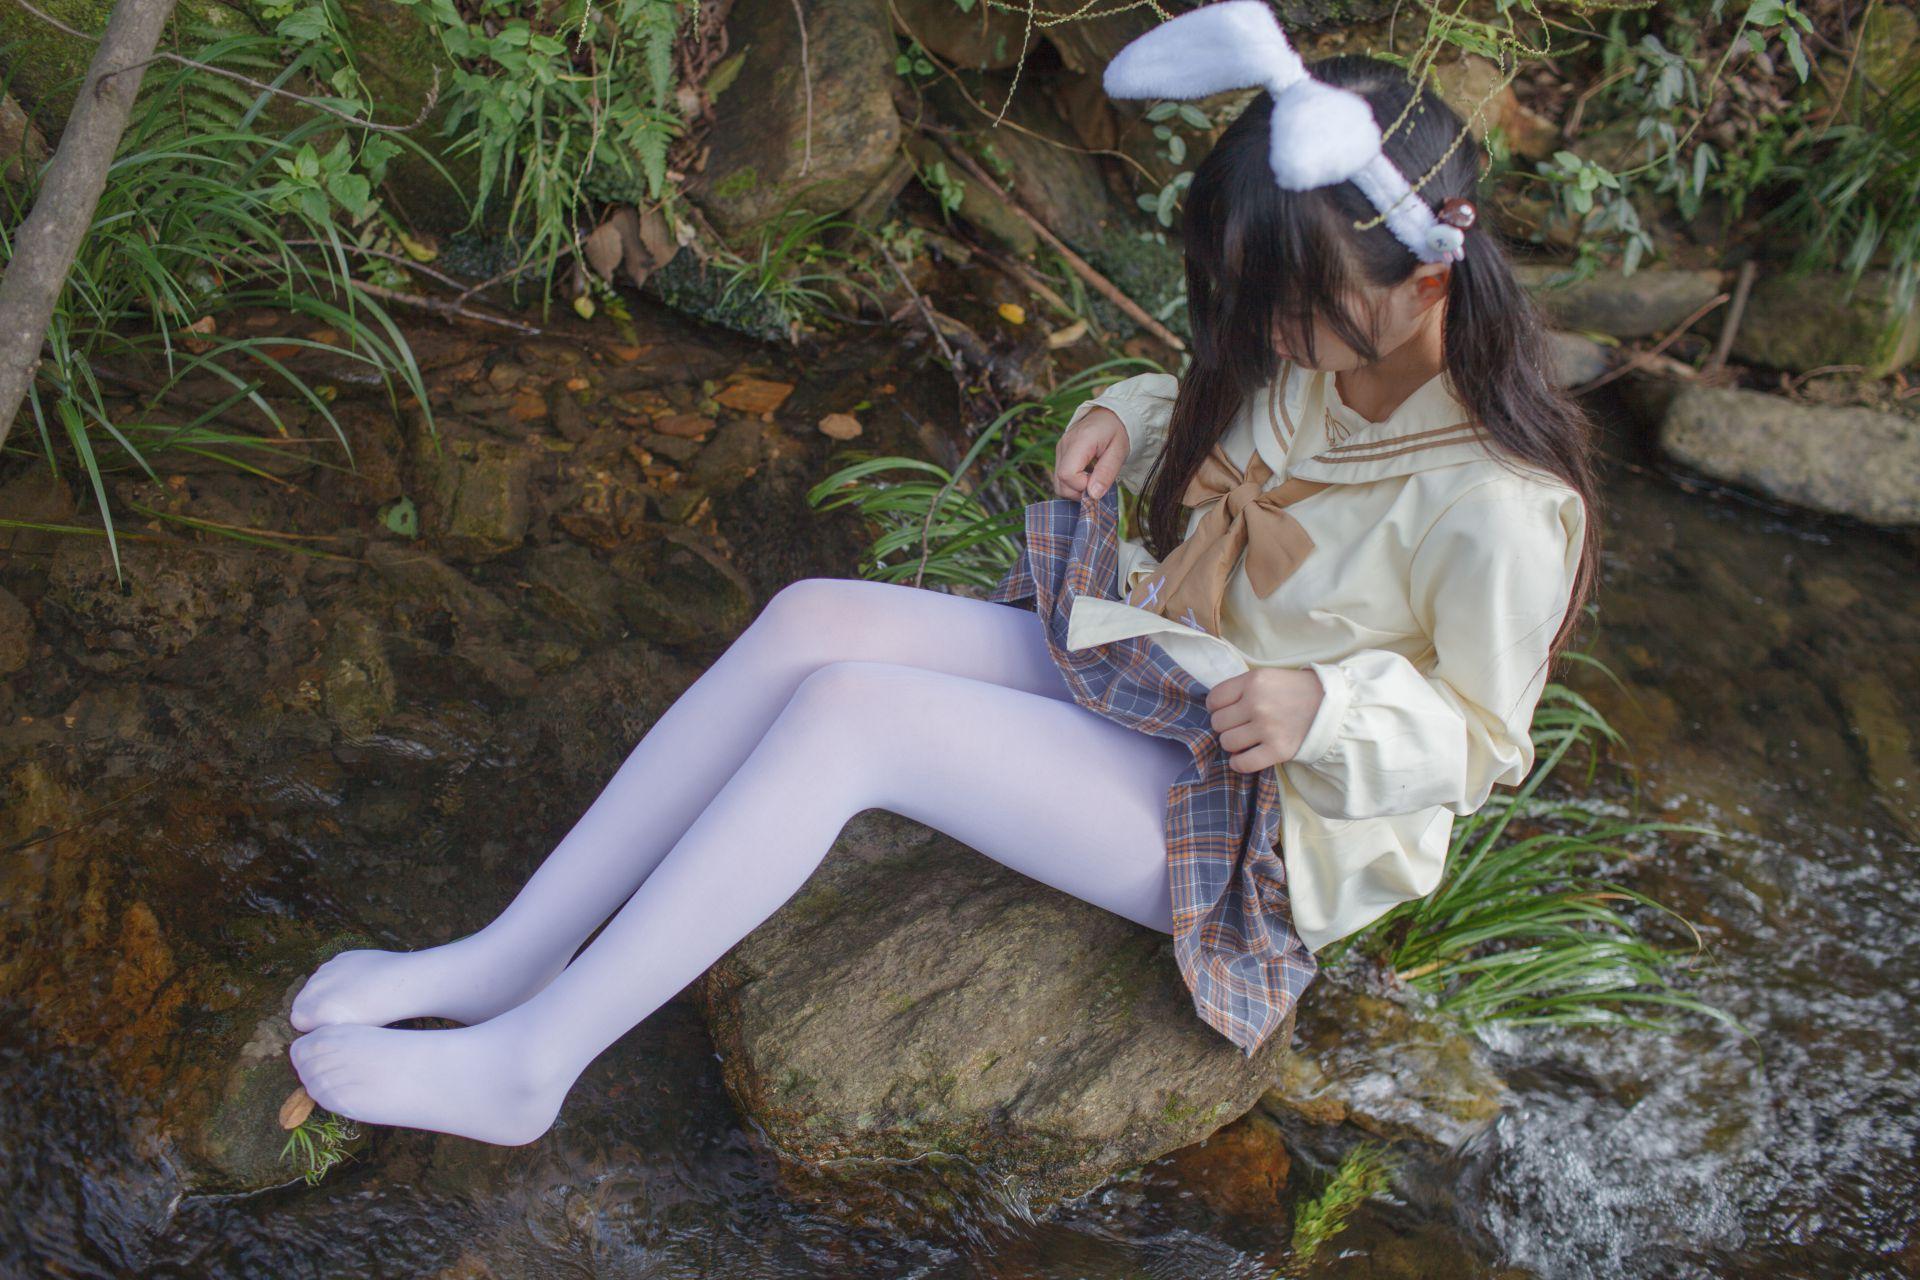 少女秩序 EXVOL.02 白丝户外 活捉野外小姐姐 兔玩映画 第34张